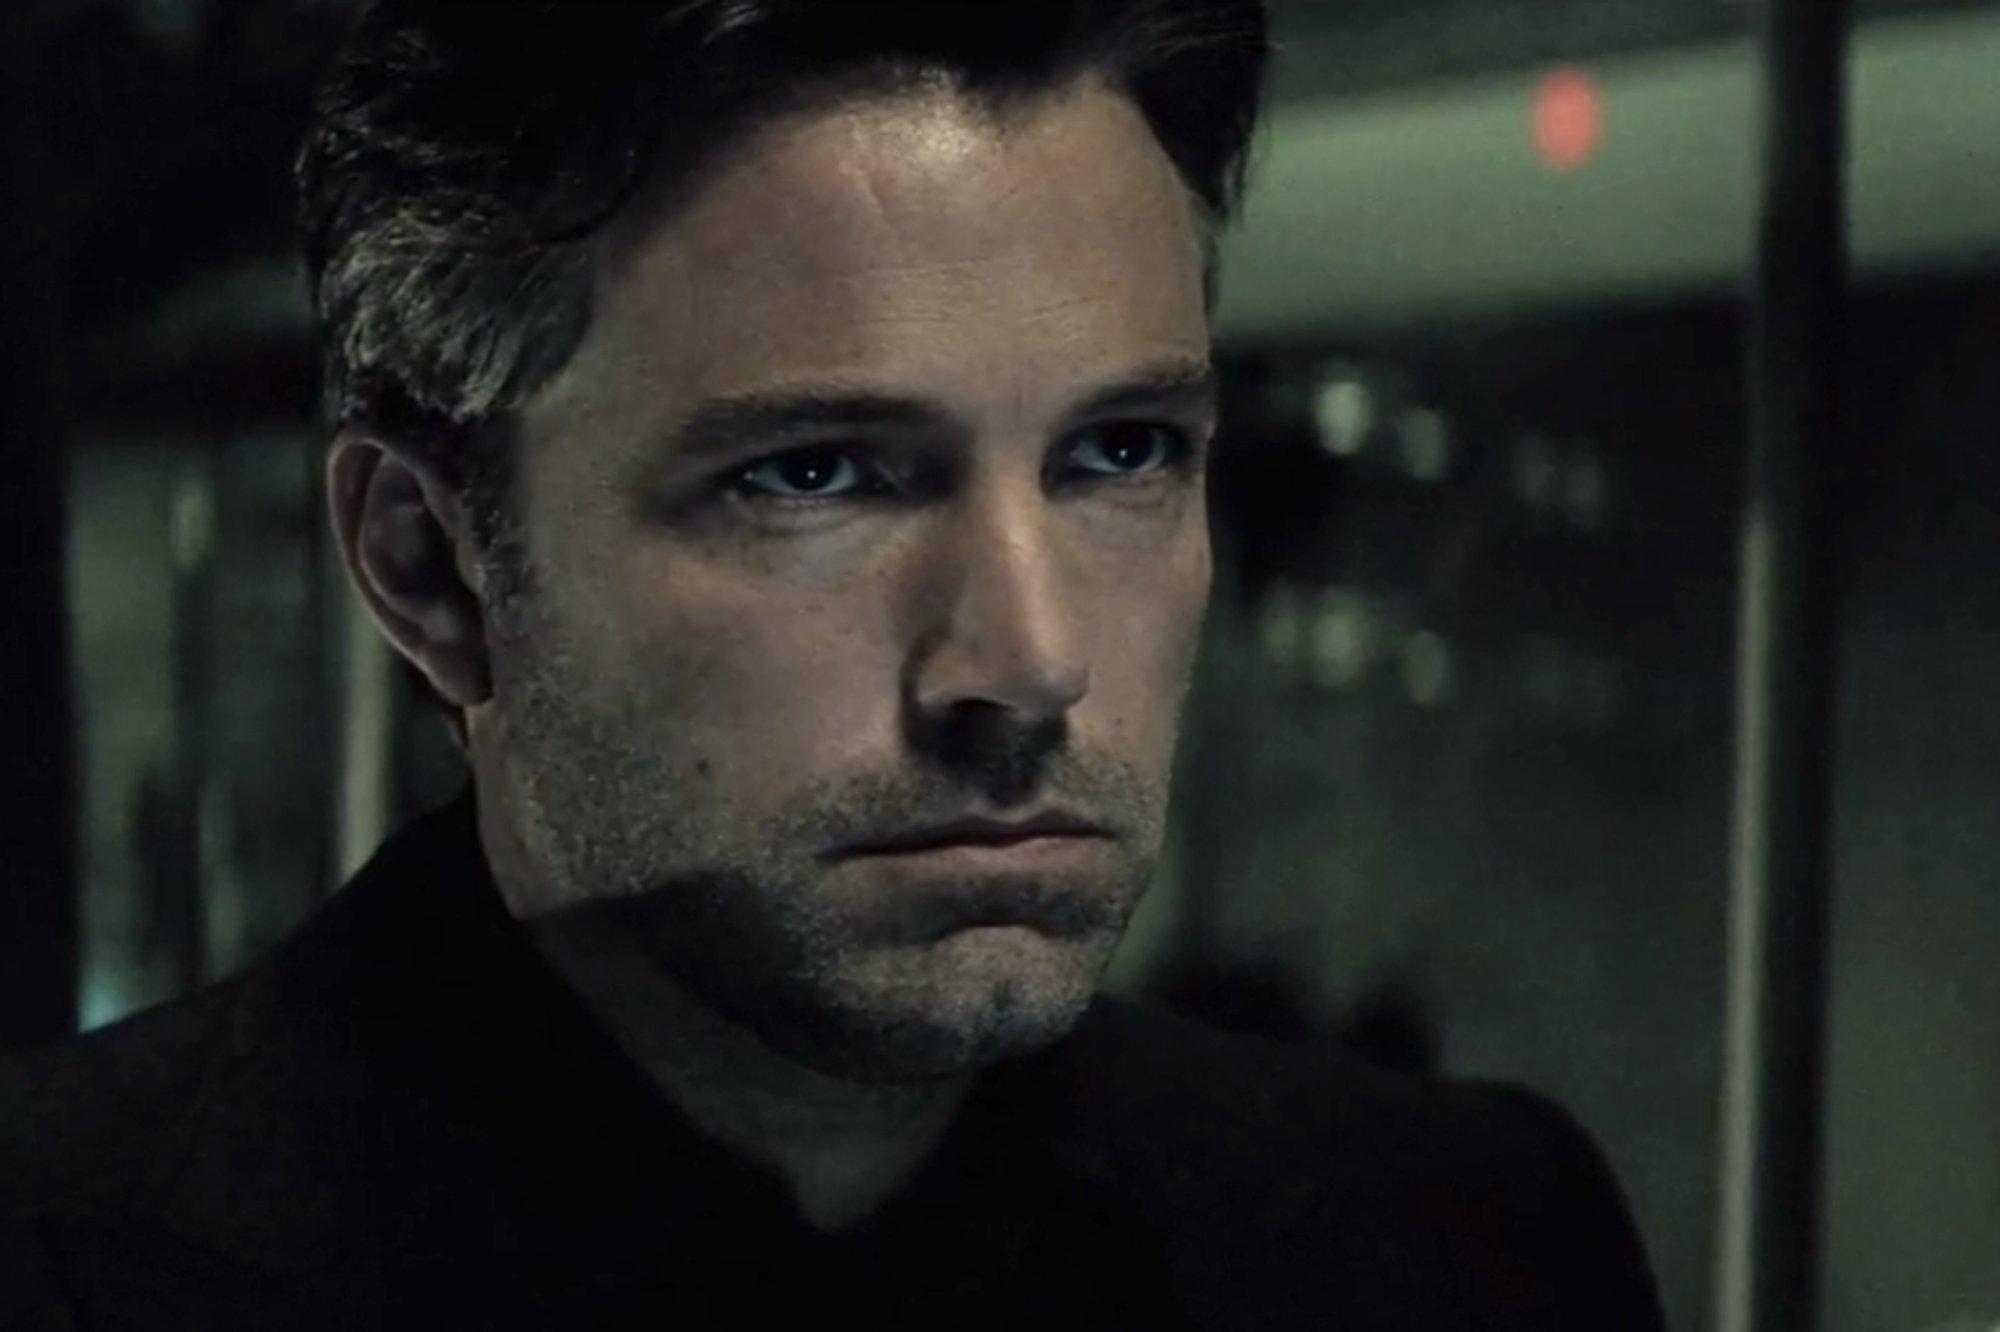 Oficjalnie: będzie film o Batmanie, do którego scenariusz napisał Ben Affleck